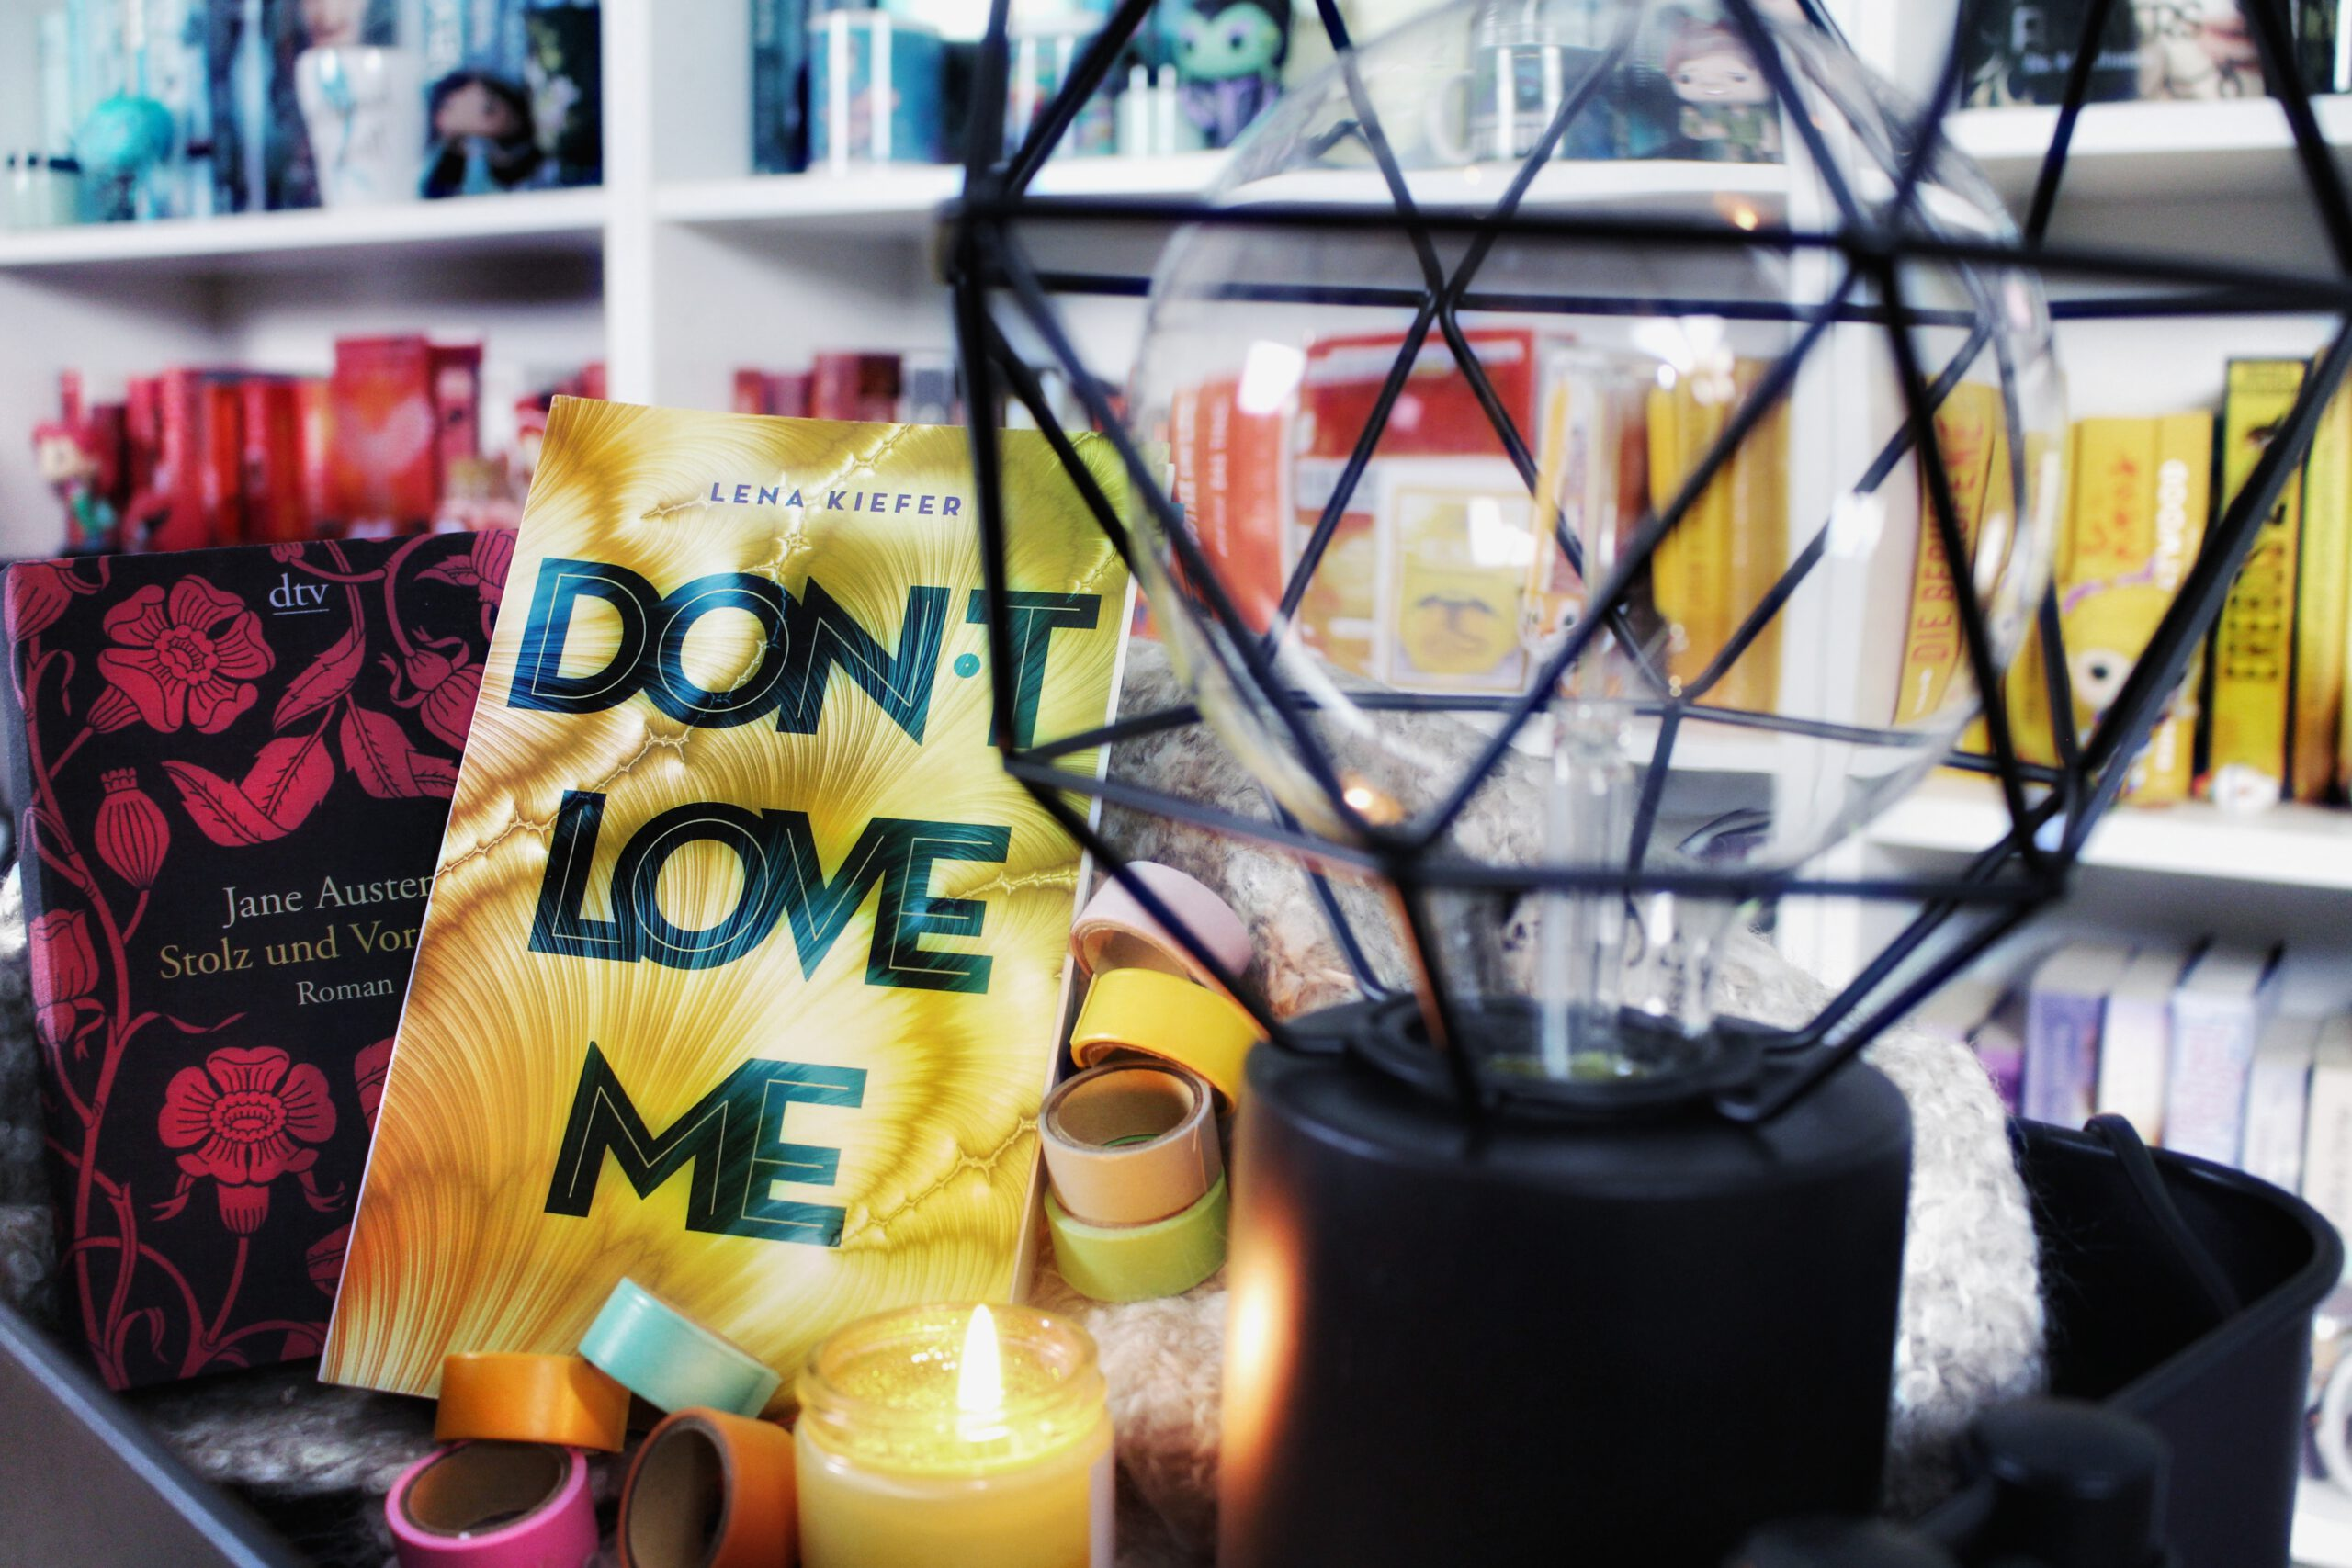 Rezension | Don't love me von Lena Kiefer